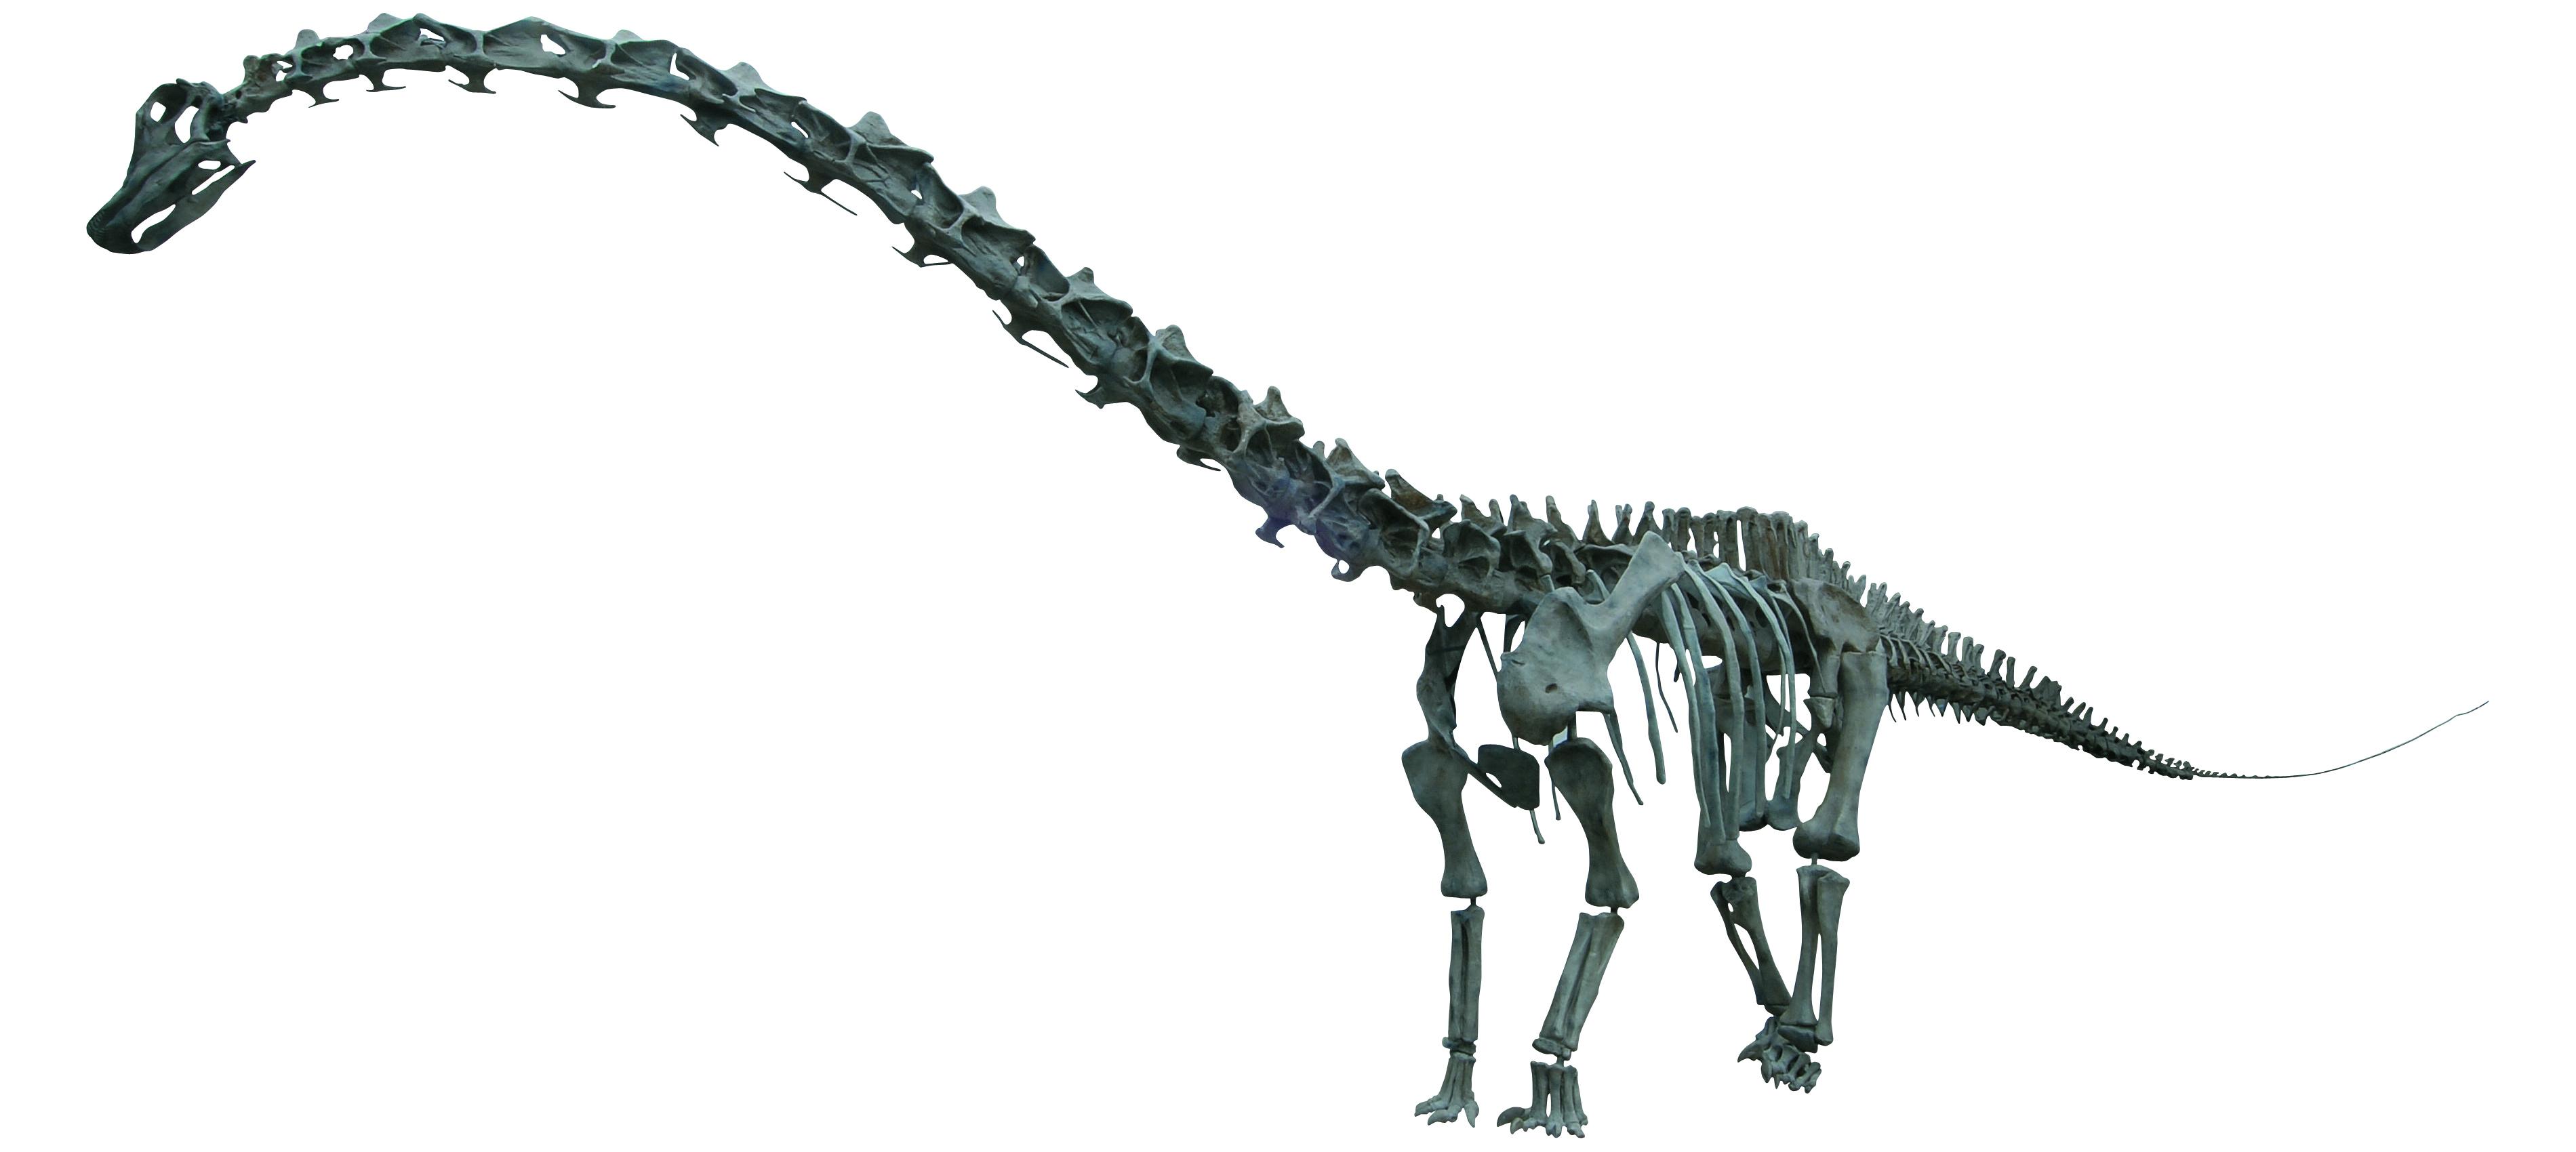 ディプロドクス 全身復元骨格